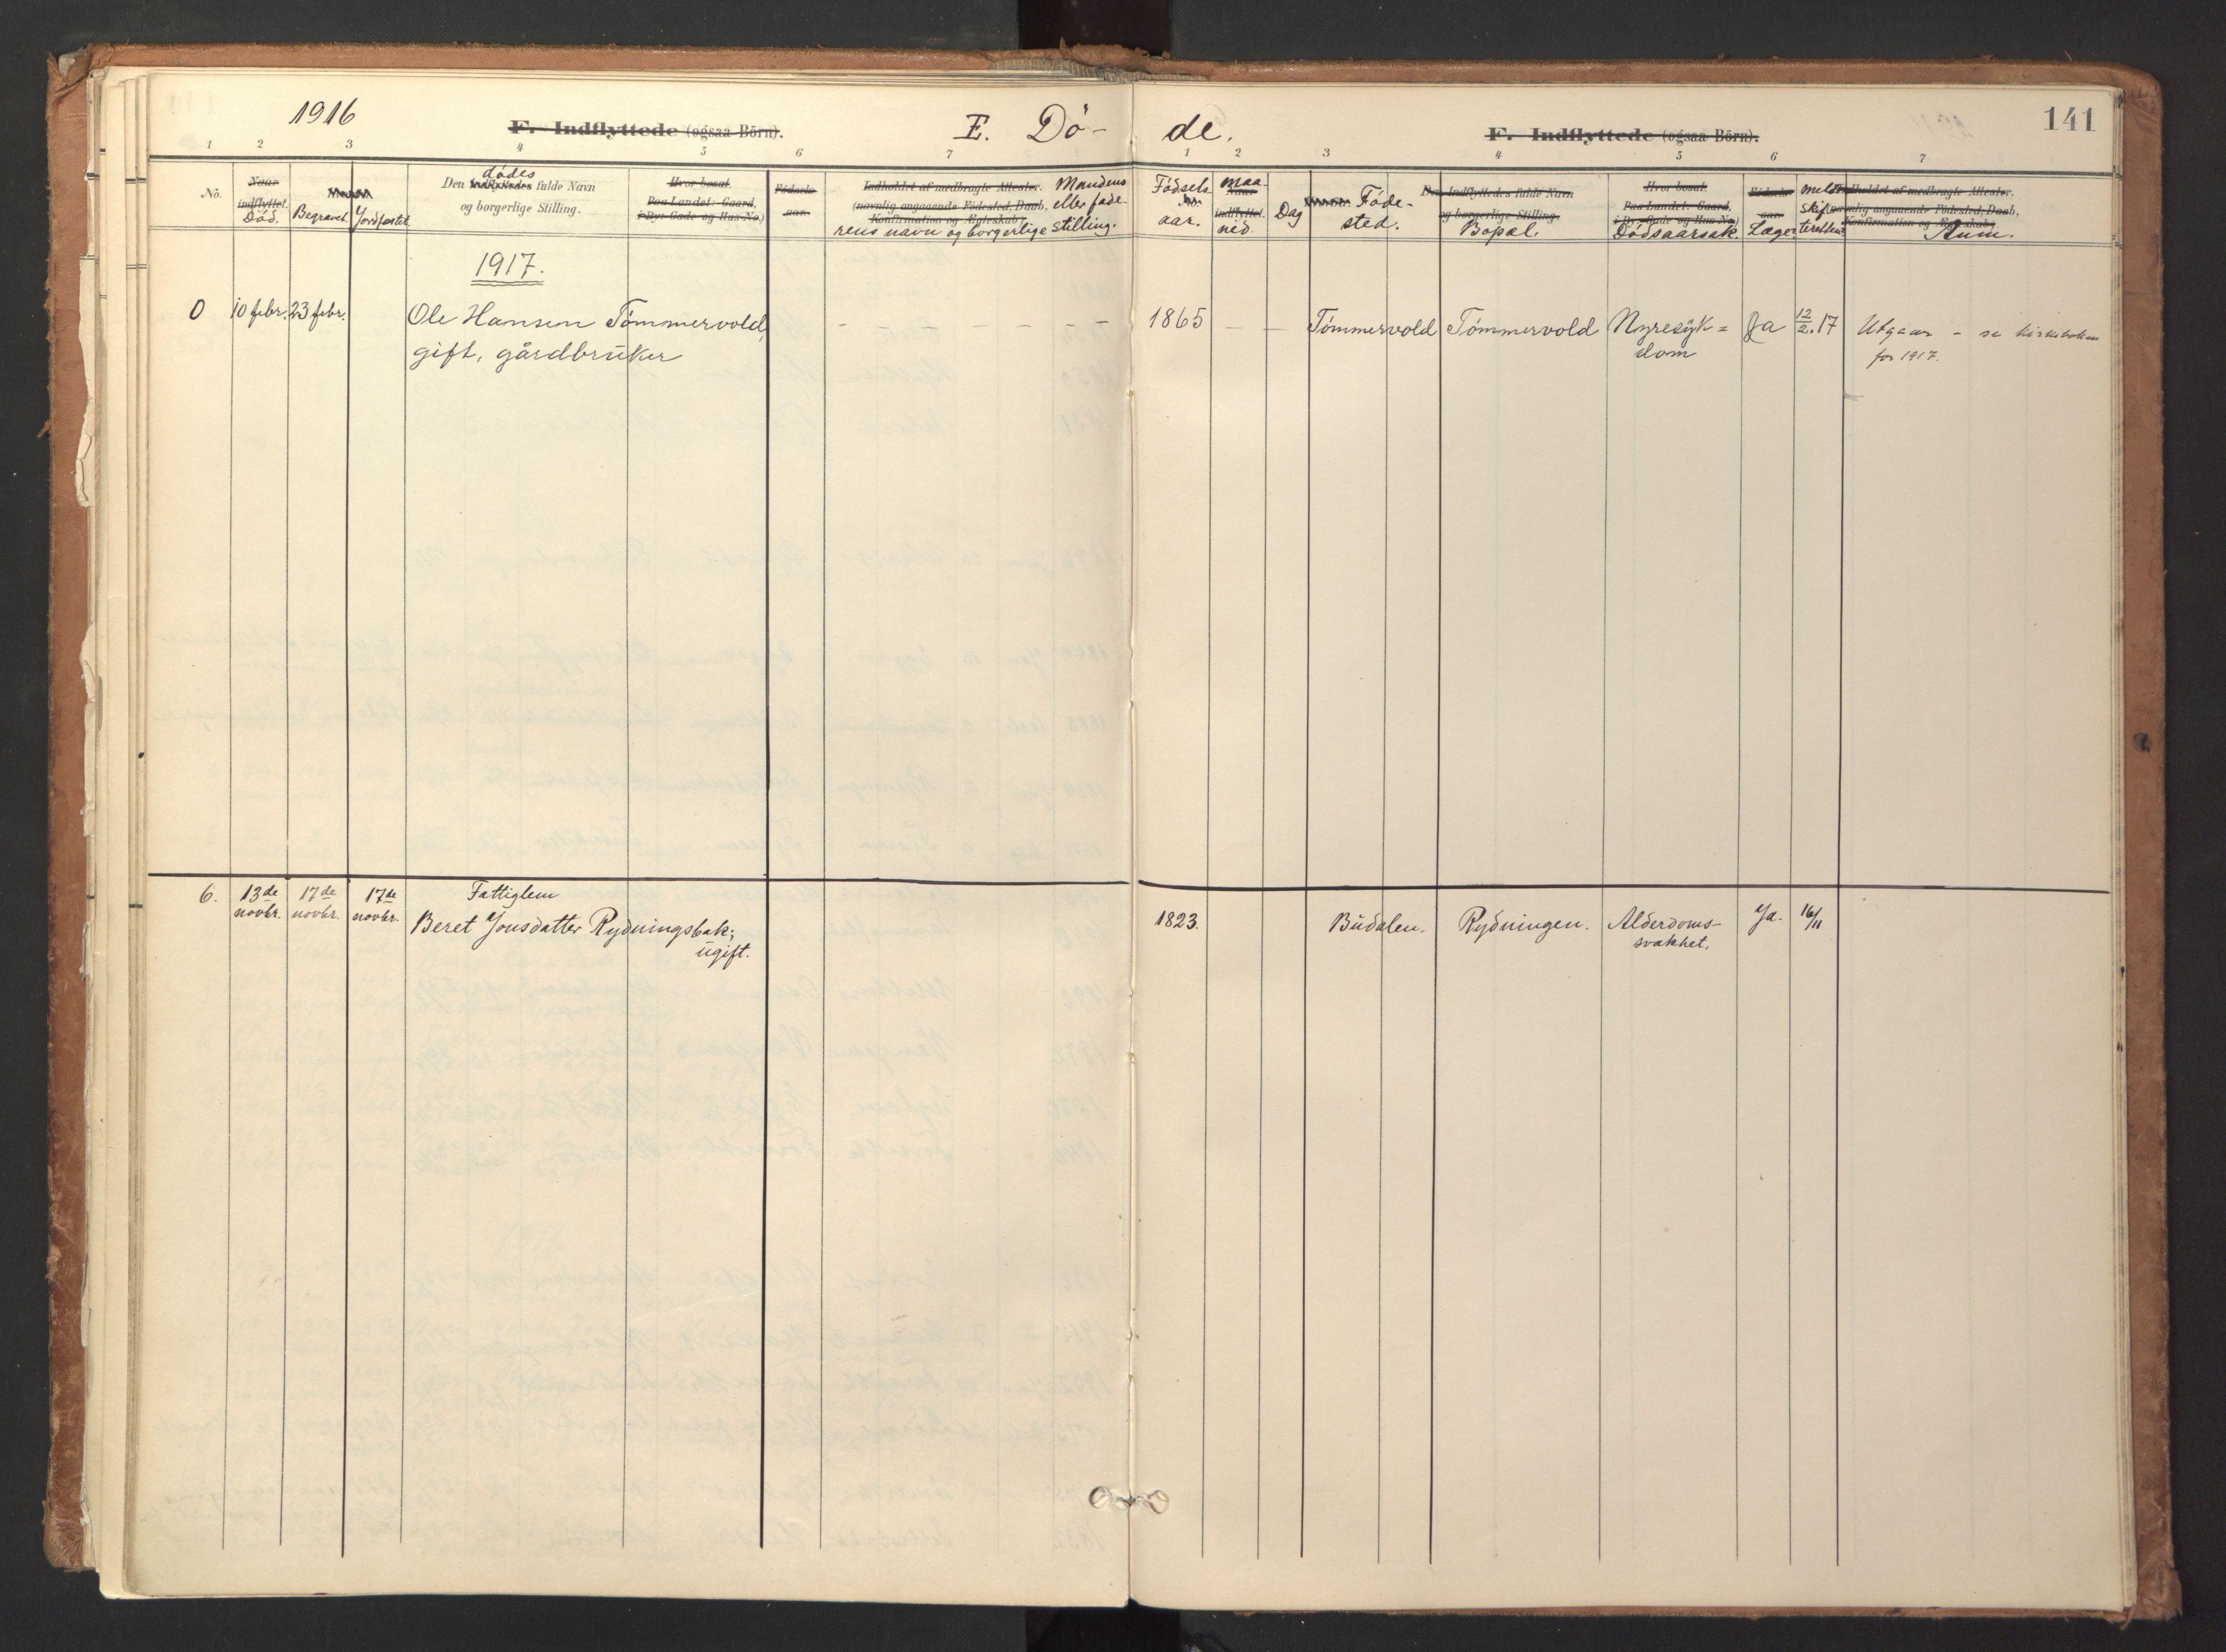 SAT, Ministerialprotokoller, klokkerbøker og fødselsregistre - Sør-Trøndelag, 618/L0448: Ministerialbok nr. 618A11, 1898-1916, s. 141